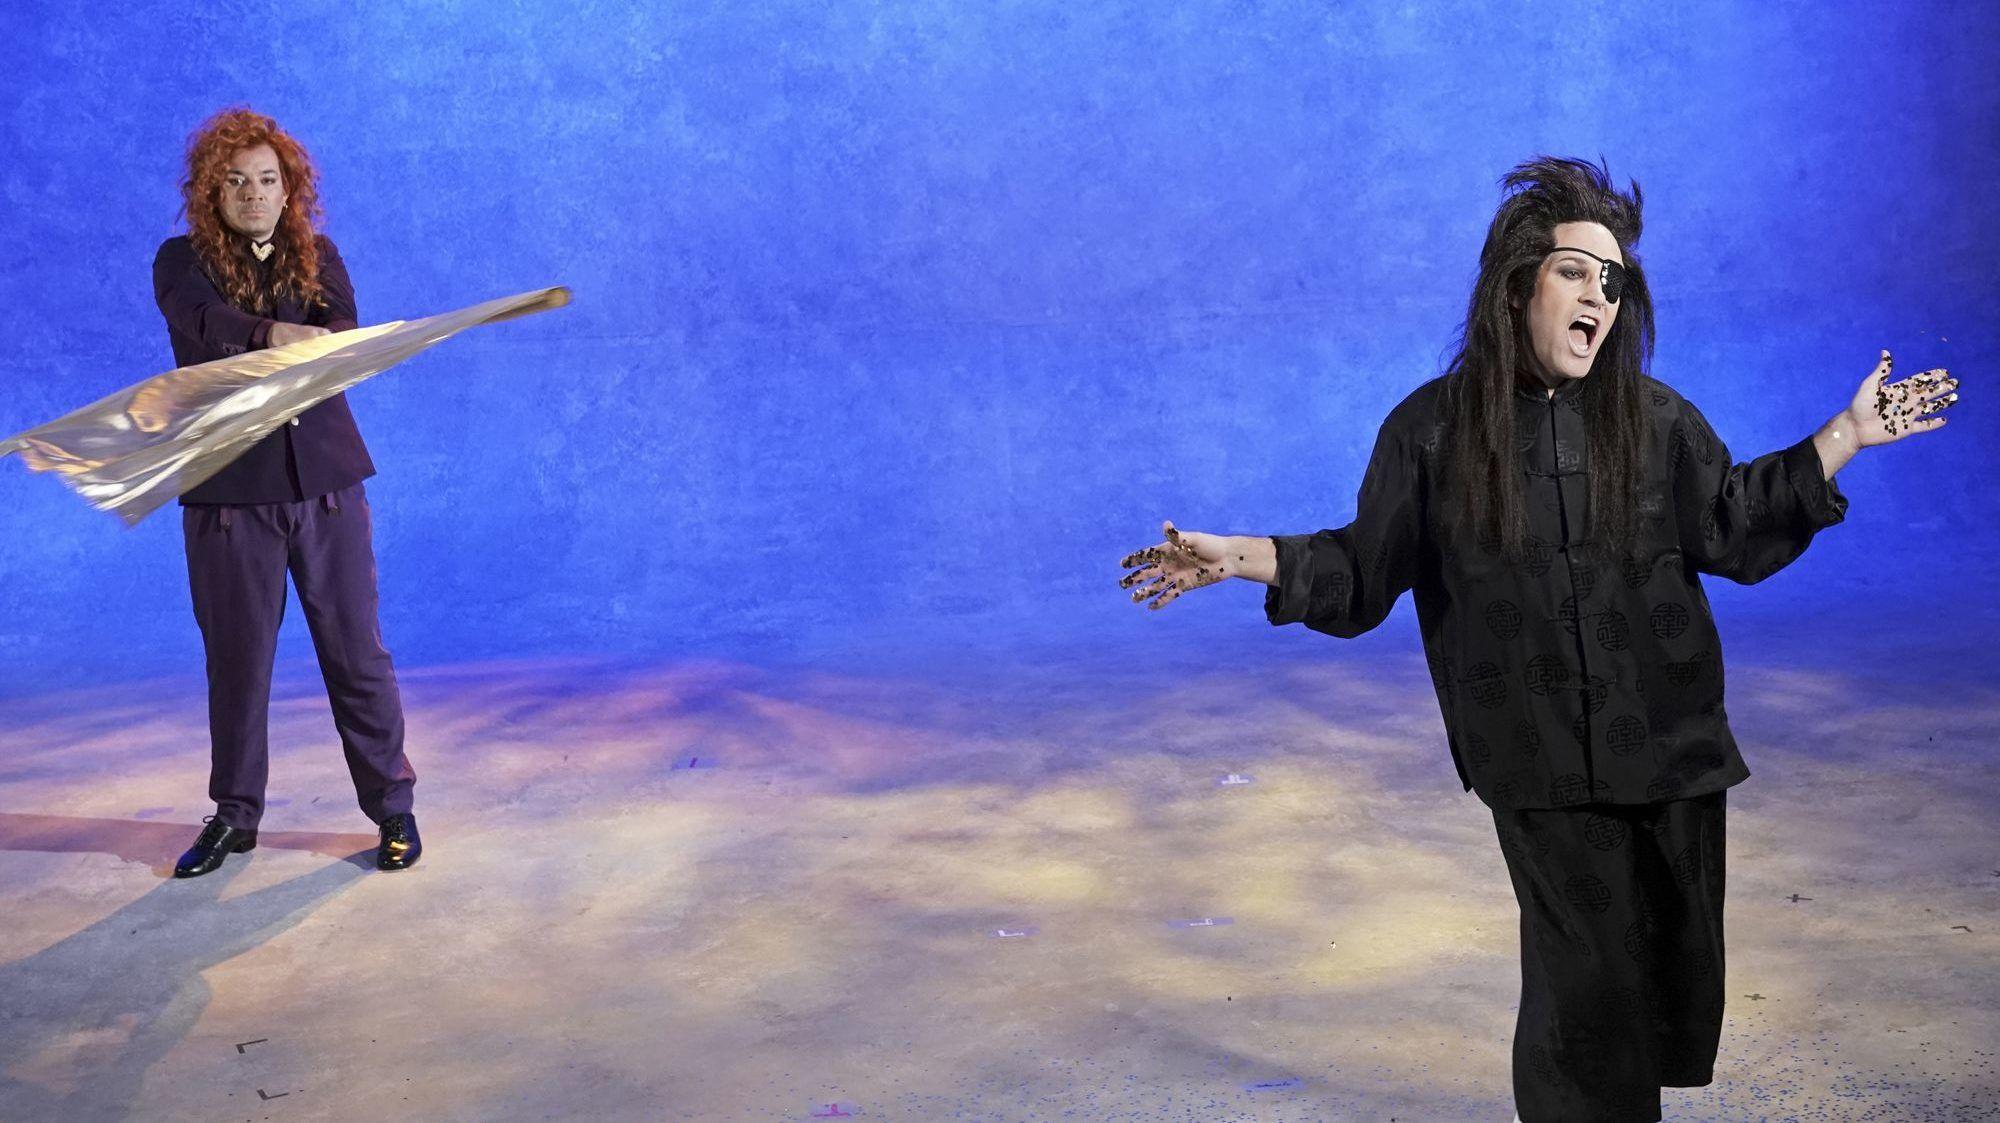 társkereső oldal klipek kyle hanagami ellen kim társkereső